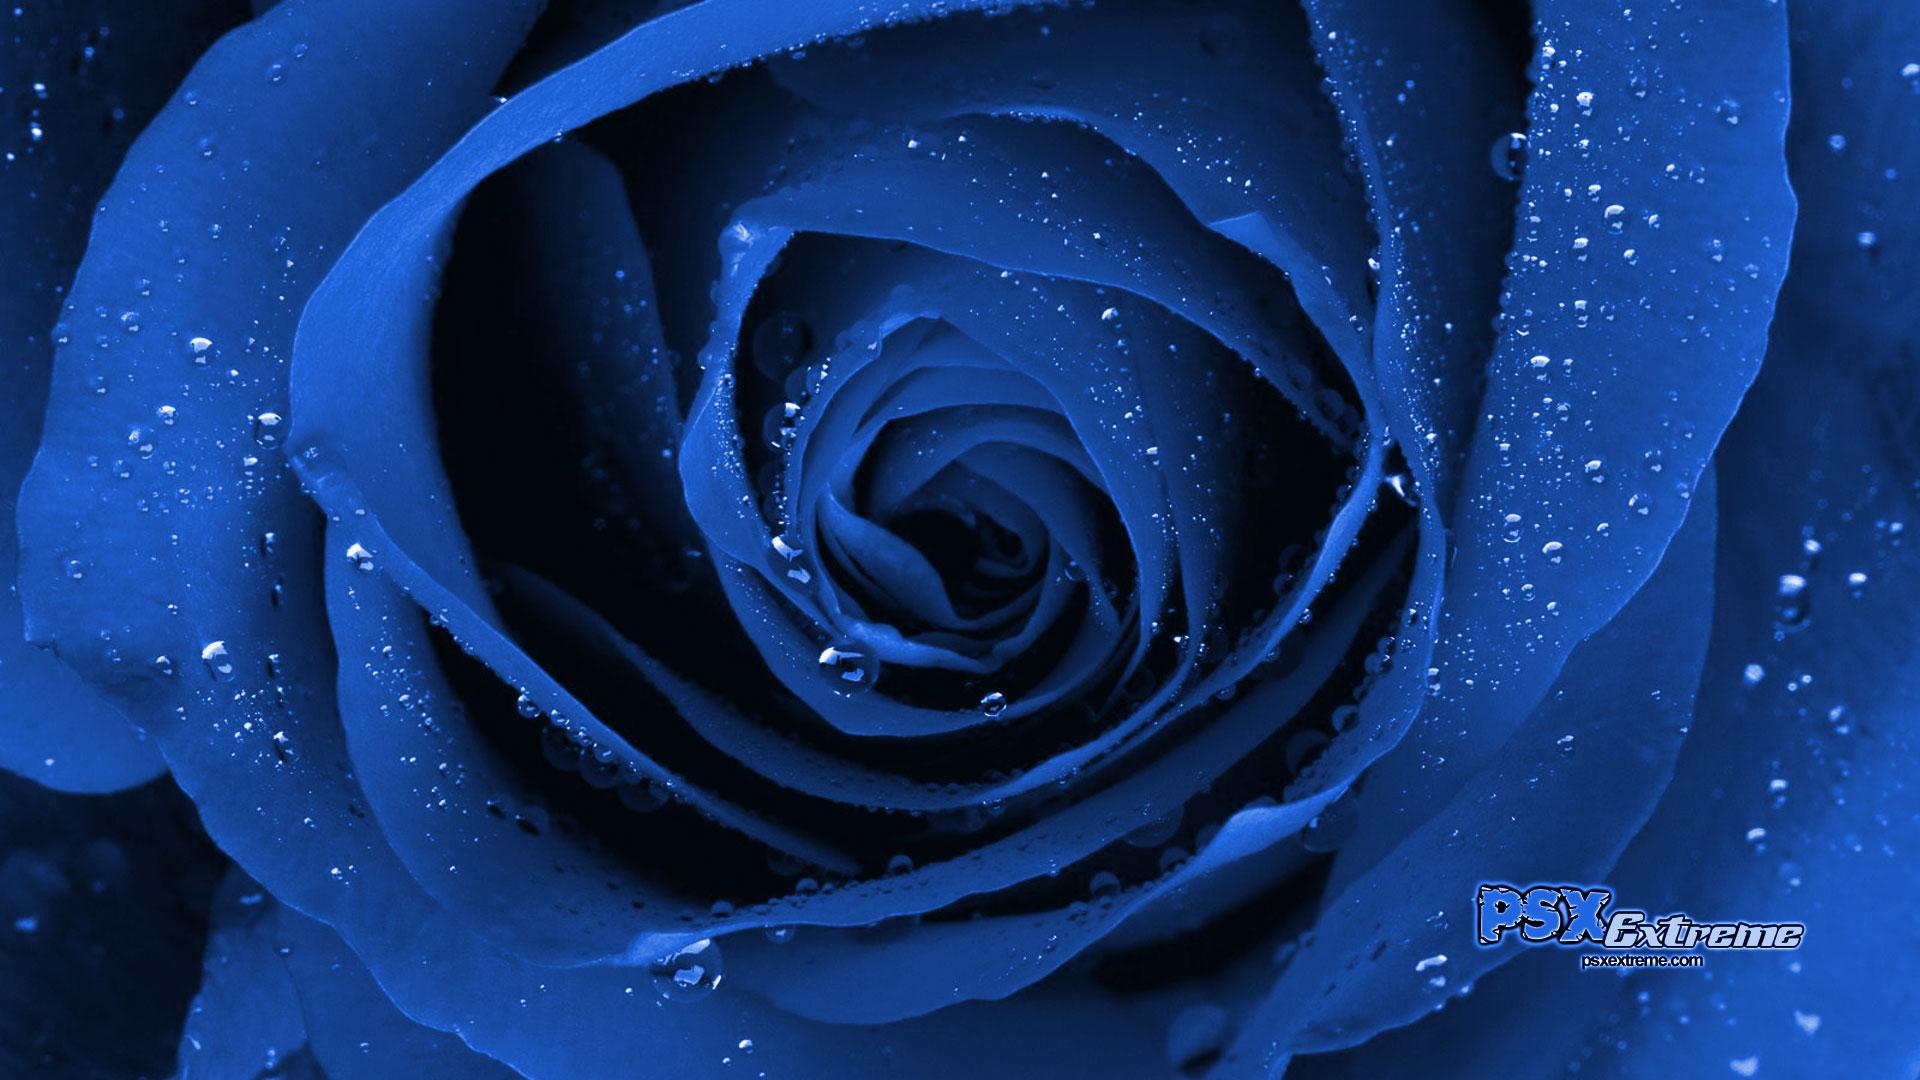 синяя роза, blue rose, wallpaper, обои для рабочего стола